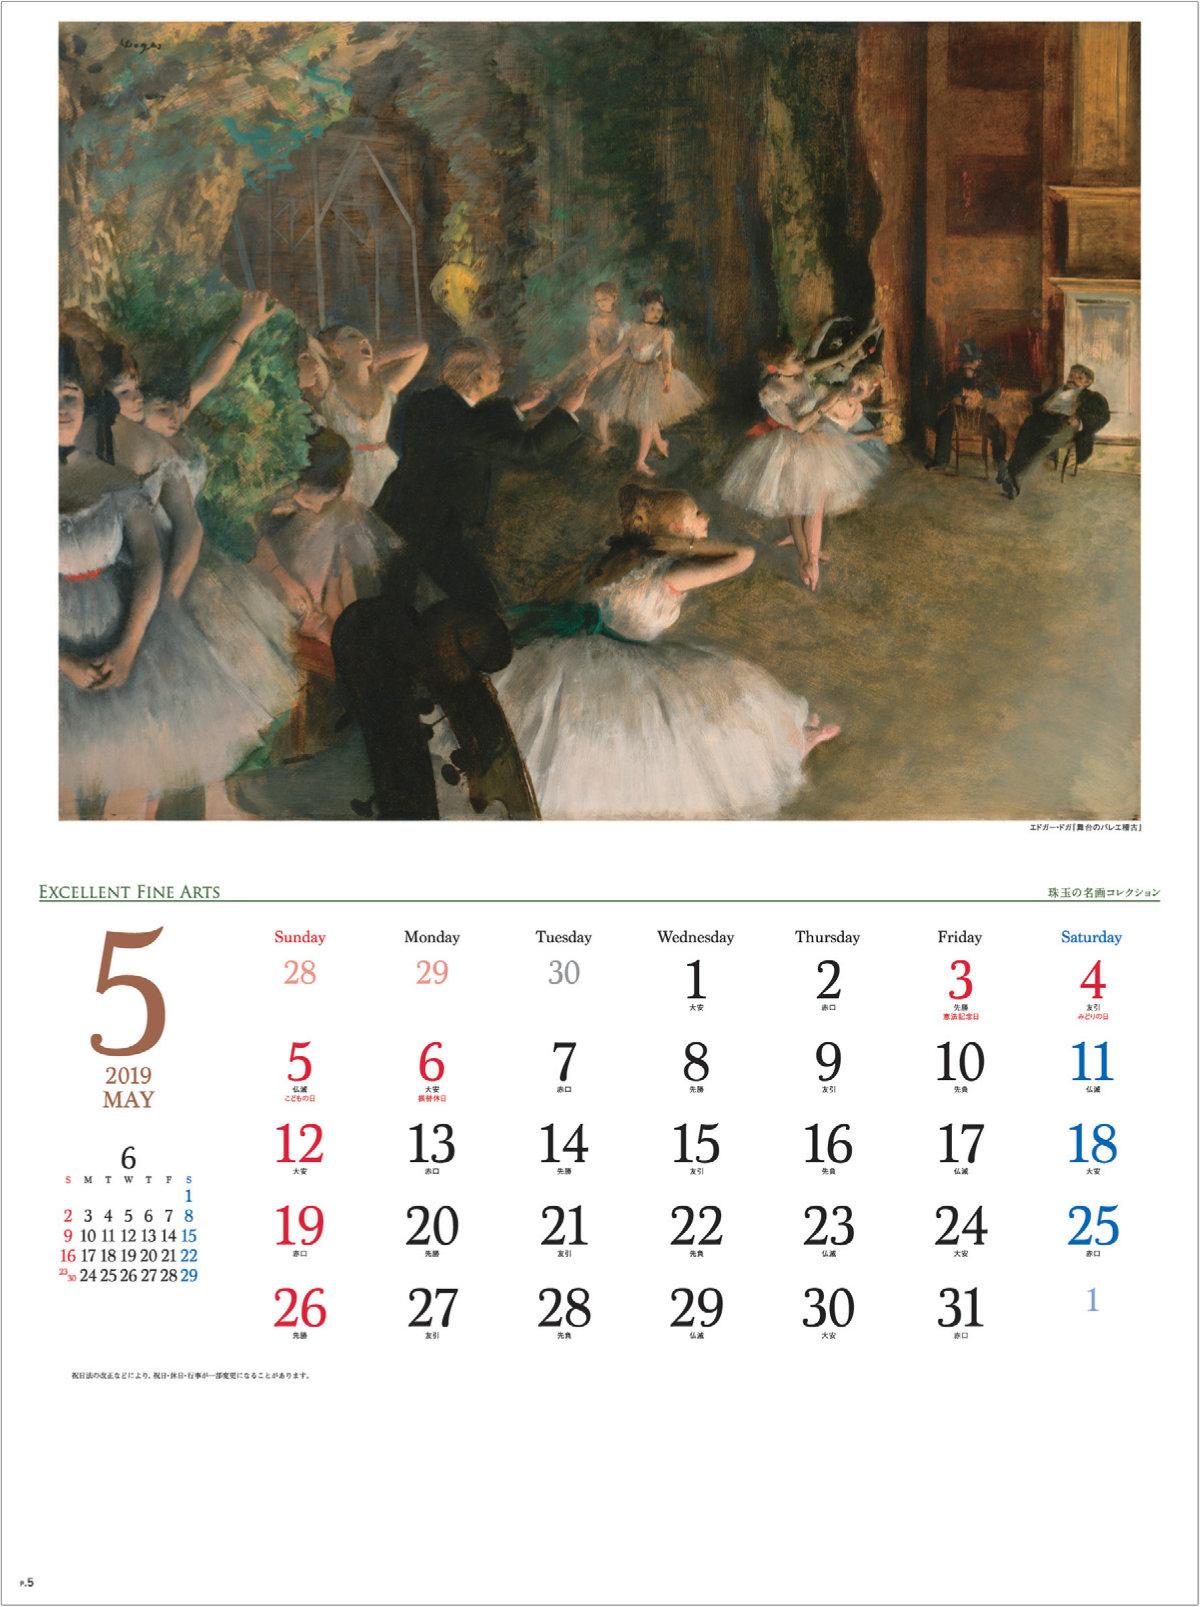 画像:エドガー・ドガ「舞台のバレエ稽古」 珠玉の名画コレクション 2019年カレンダー